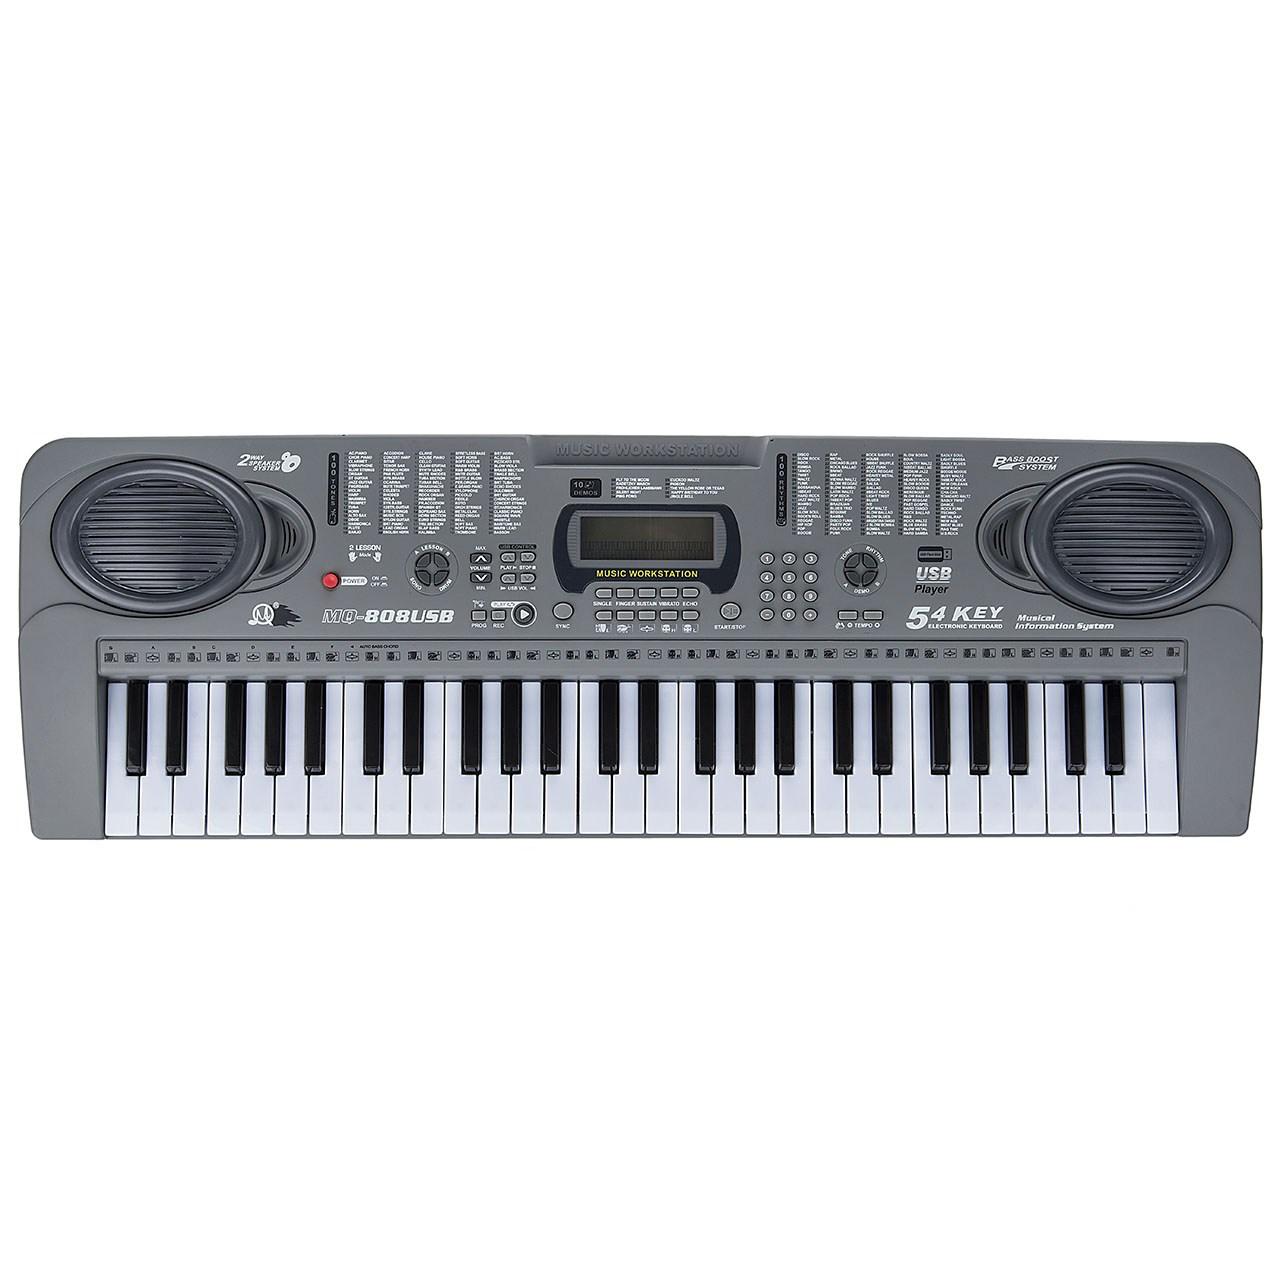 ارگ اسباب بازی میوزیک فری مدل Mq 808